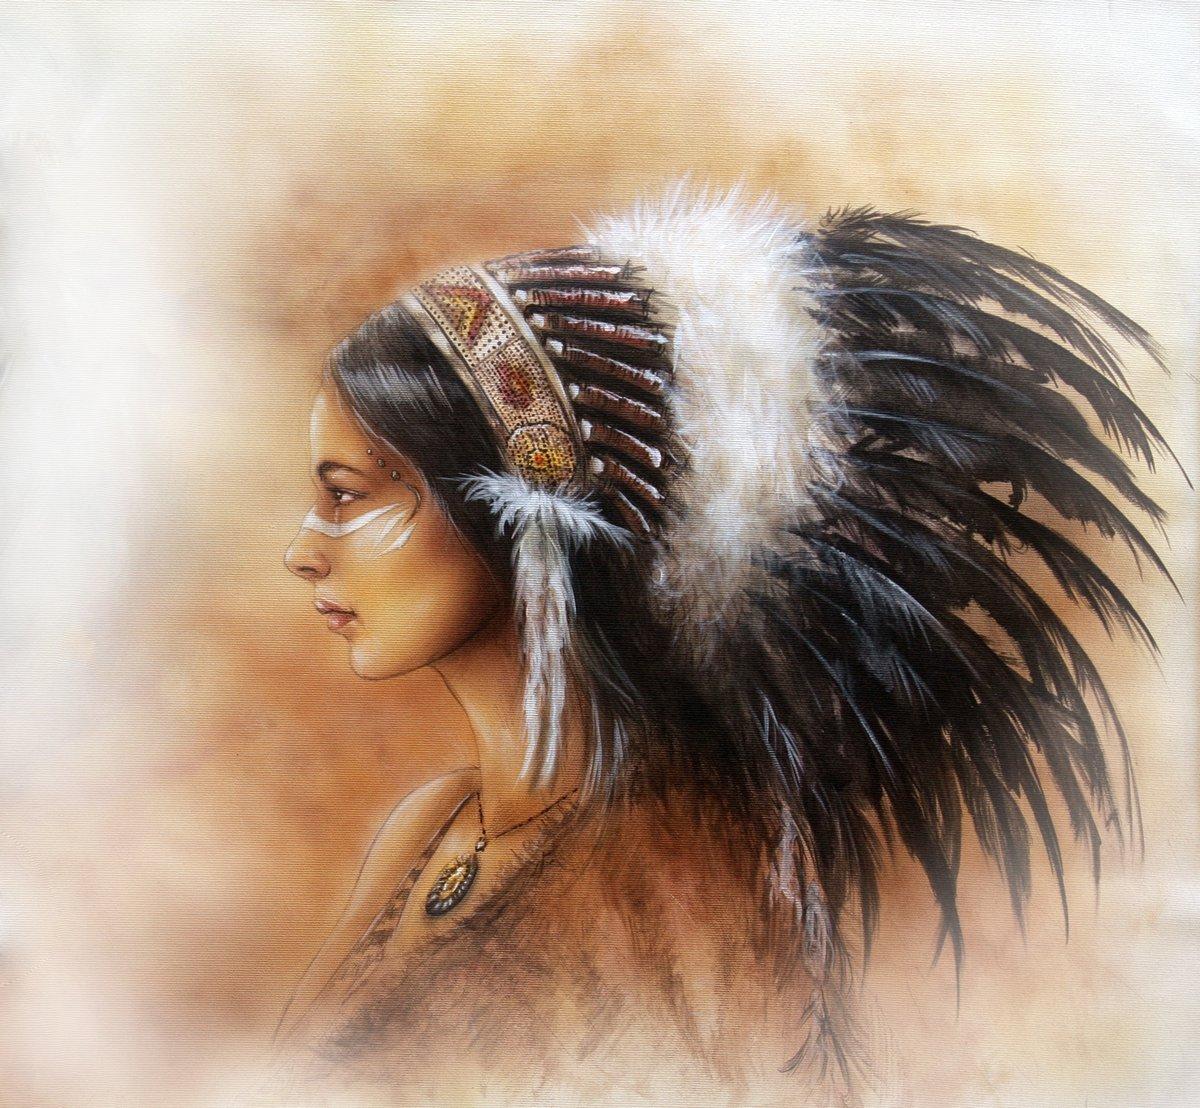 """Постер """"Молодая индийская женщина носит большой головной убор из перьев, профиль п"""", 22x20 см, на бумаге от Artwall"""